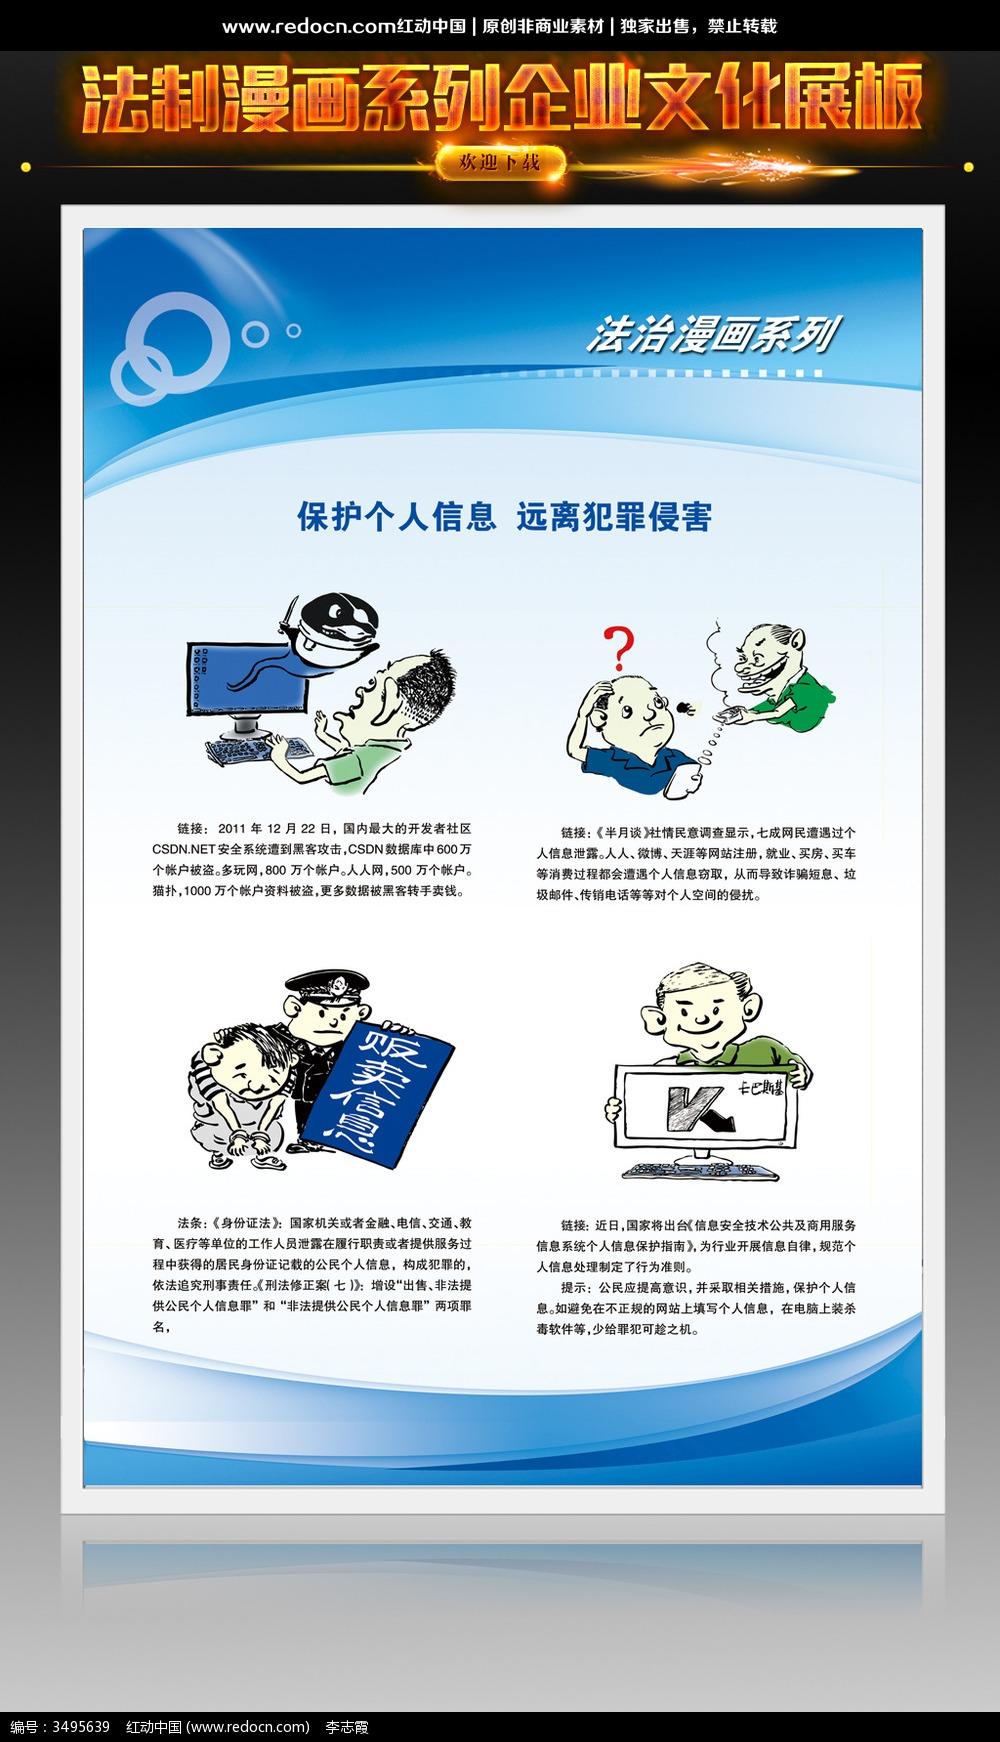 保护个人信息宣传展板图片图片